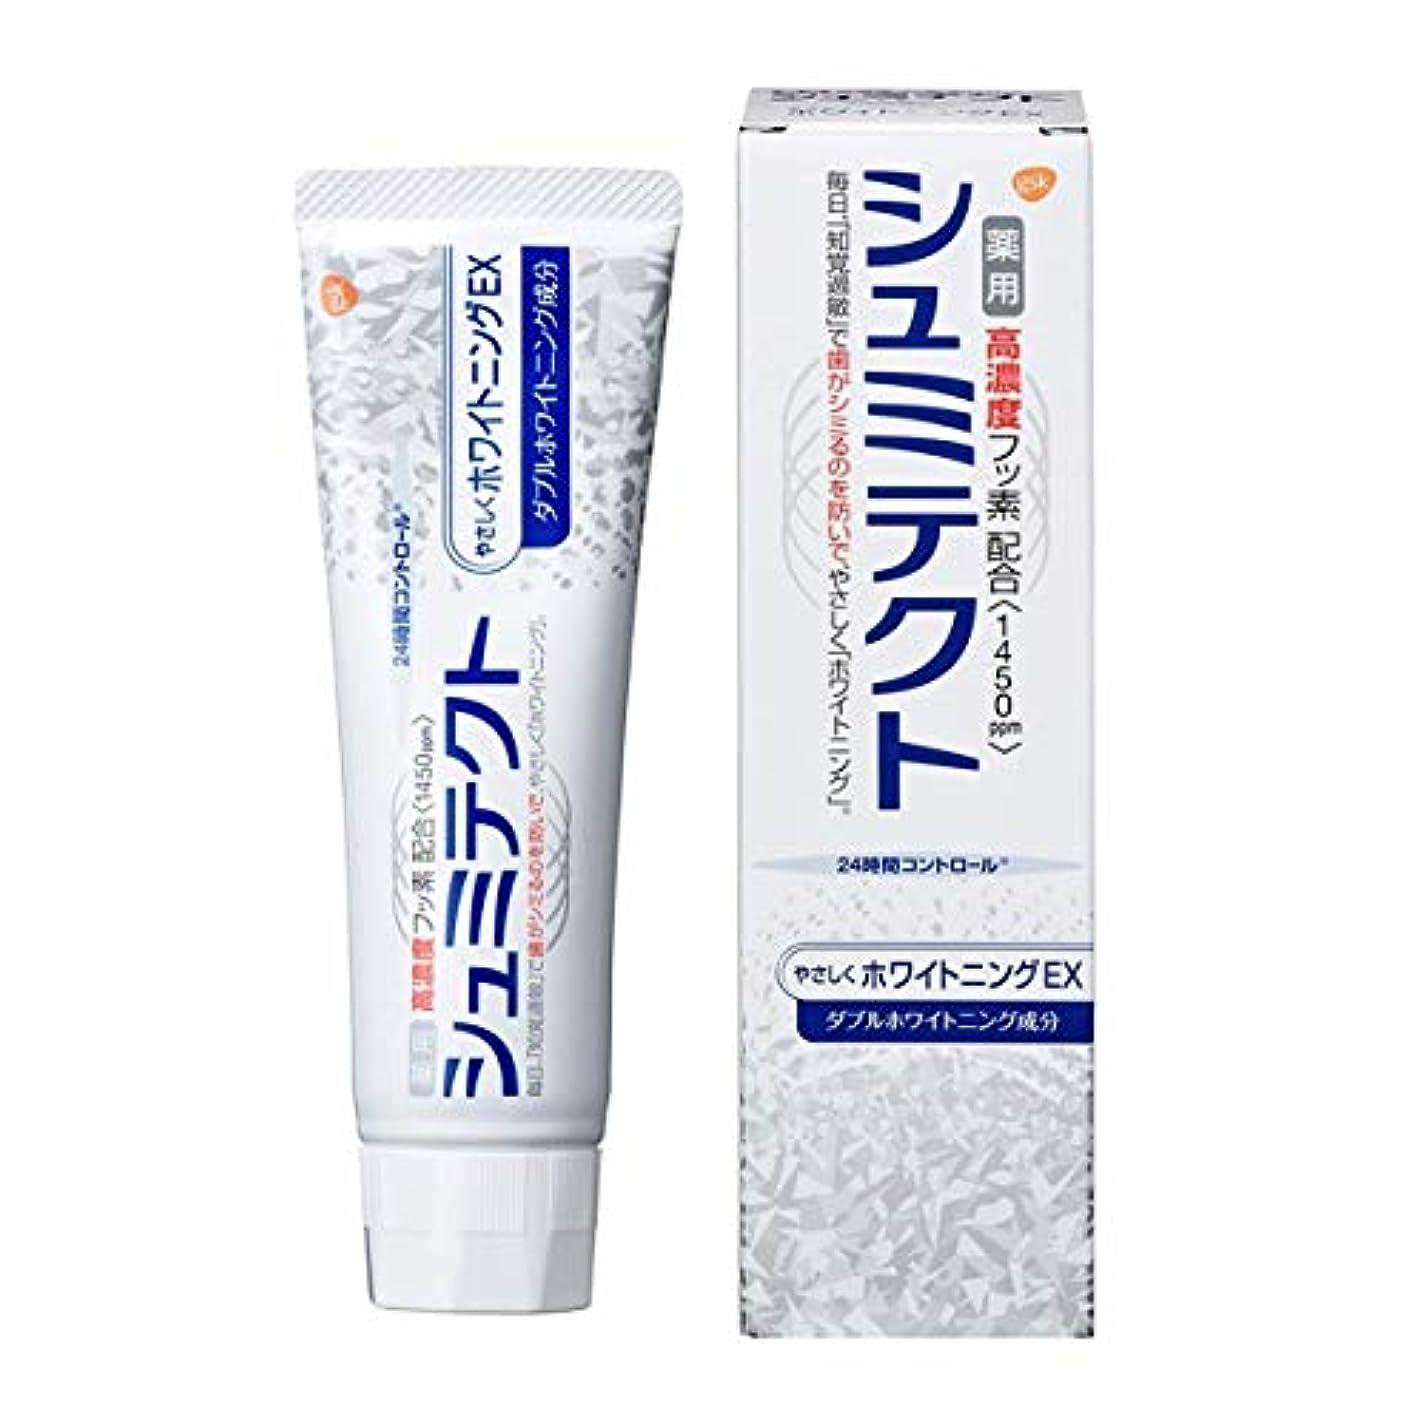 スコアボアプログレッシブ薬用シュミテクトやさしくホワイトニングEX増量 99g